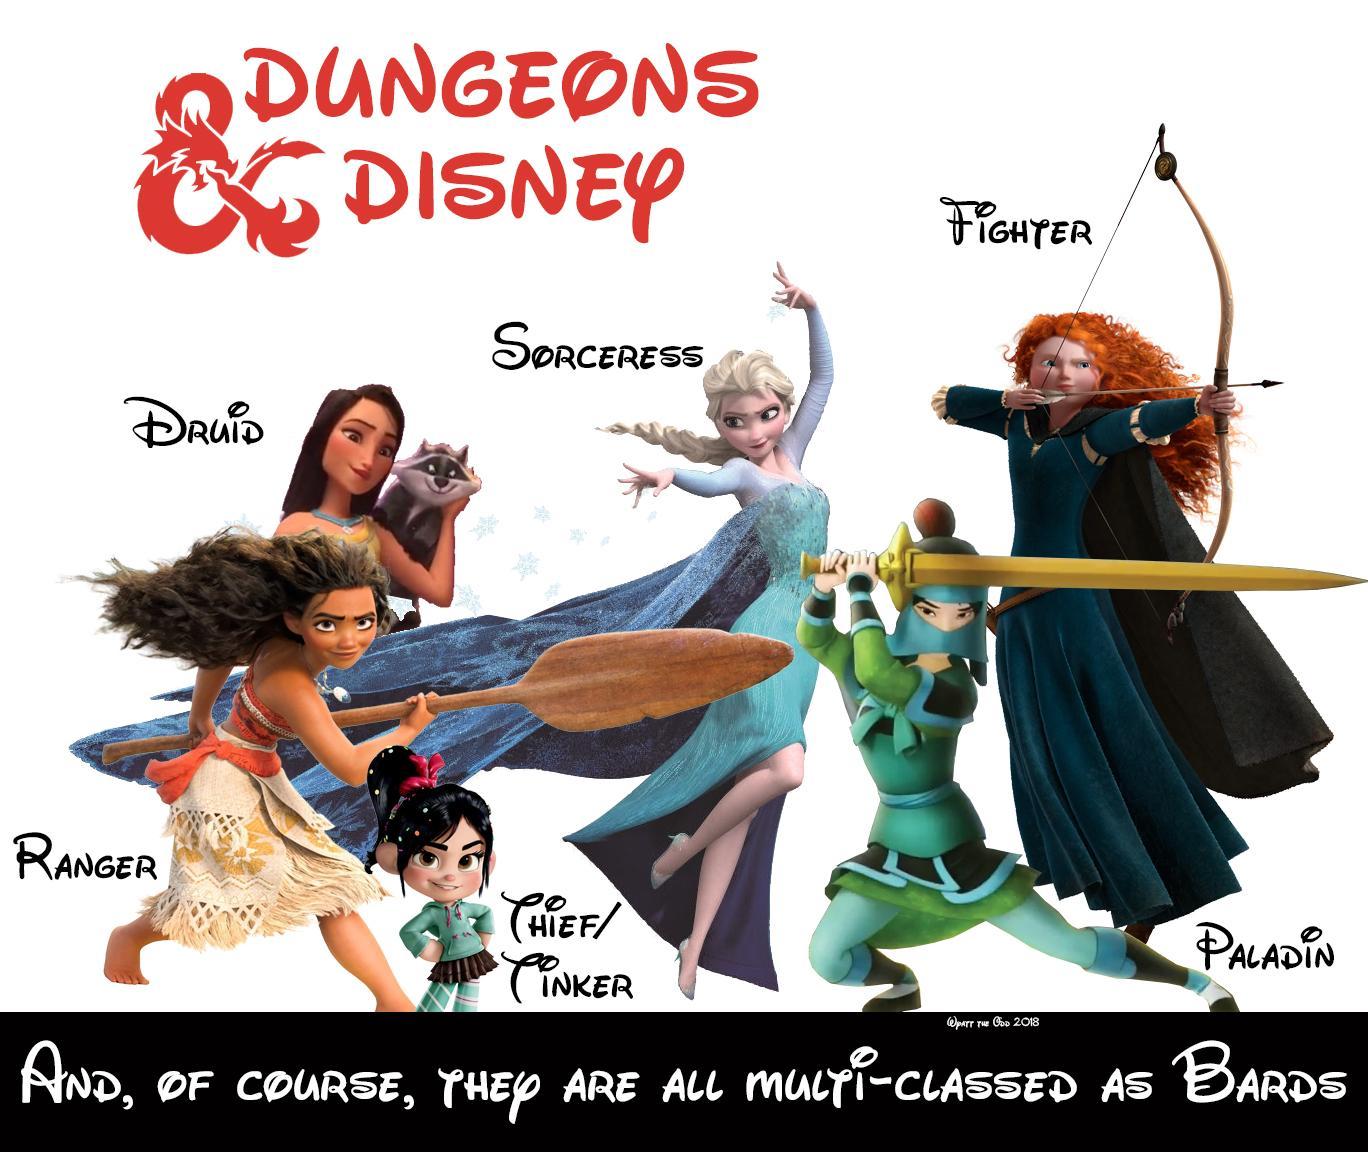 Disney Princesses as classic D&D party